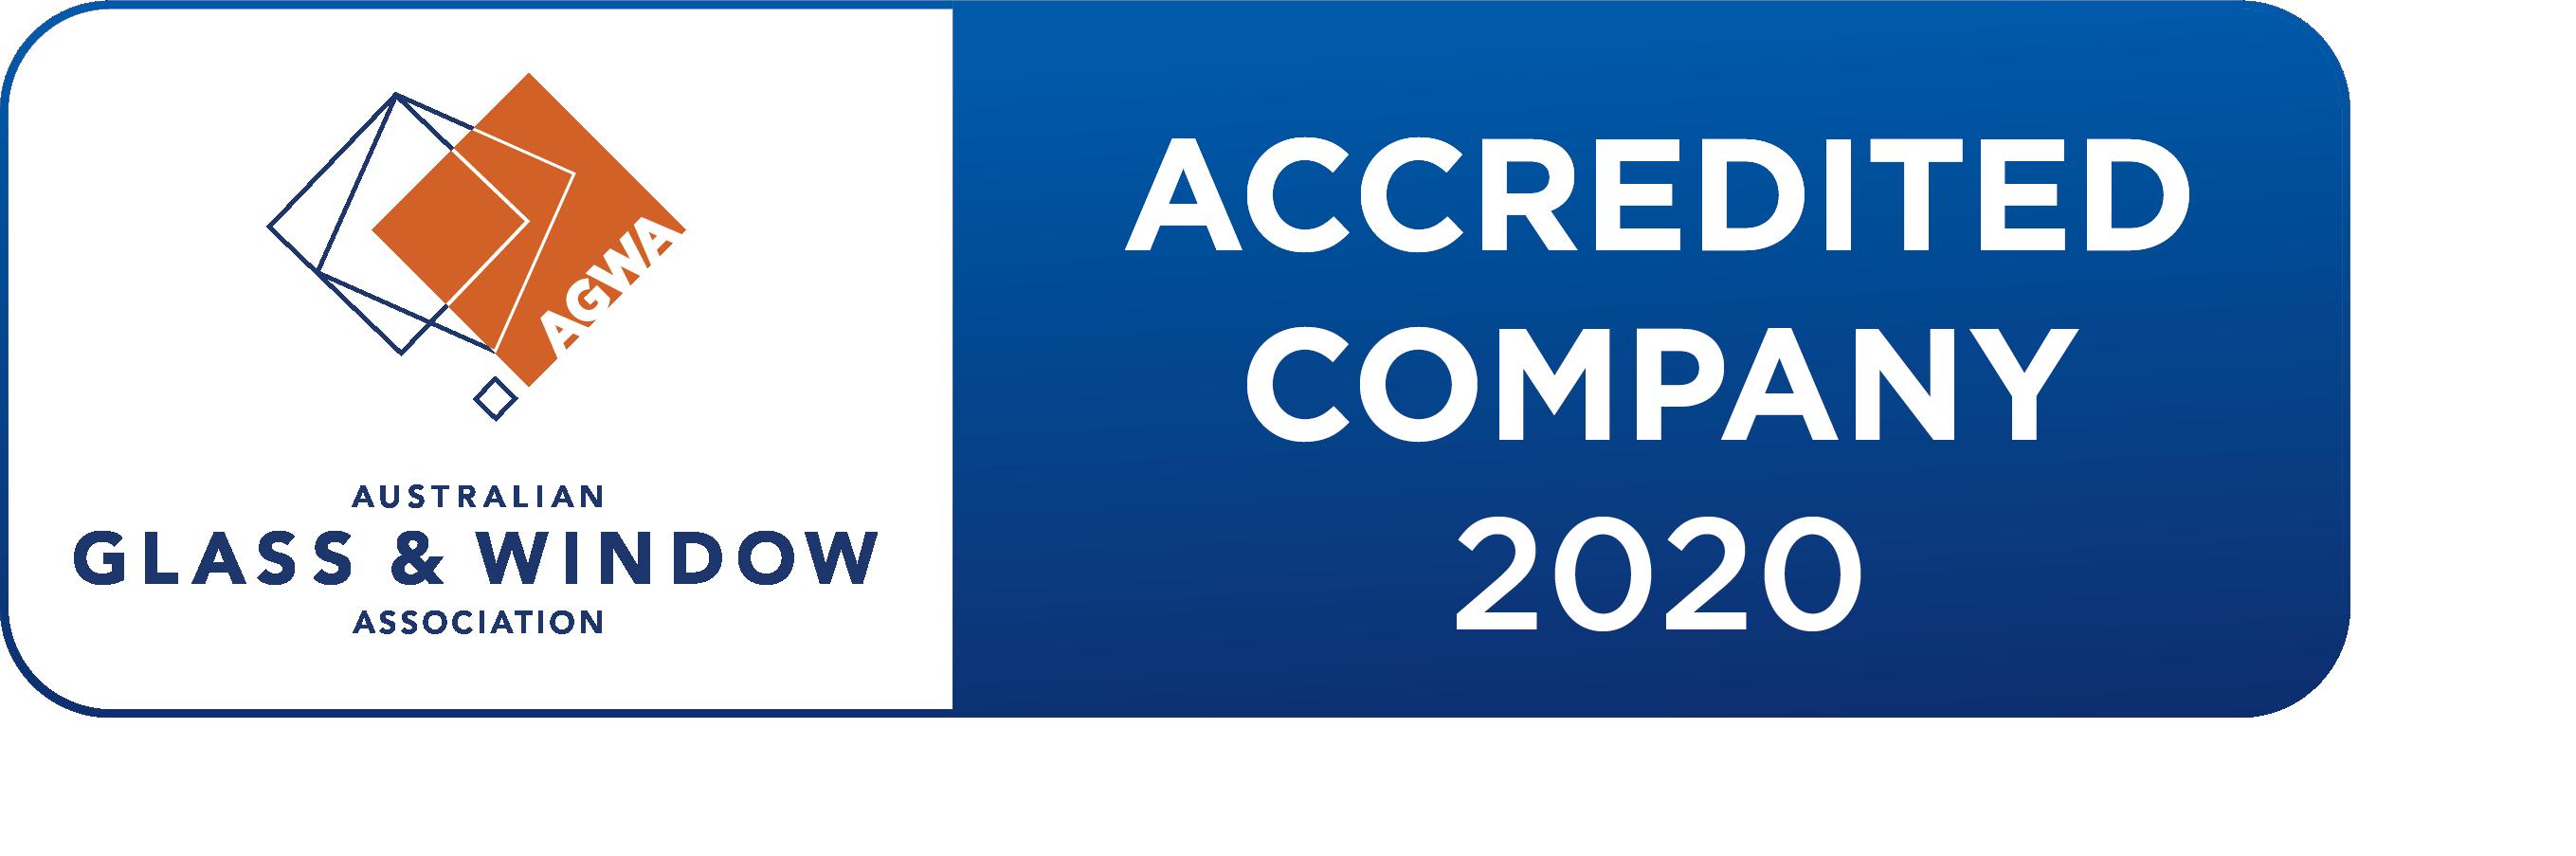 ACCREDITED COMPANY 2020 Logo